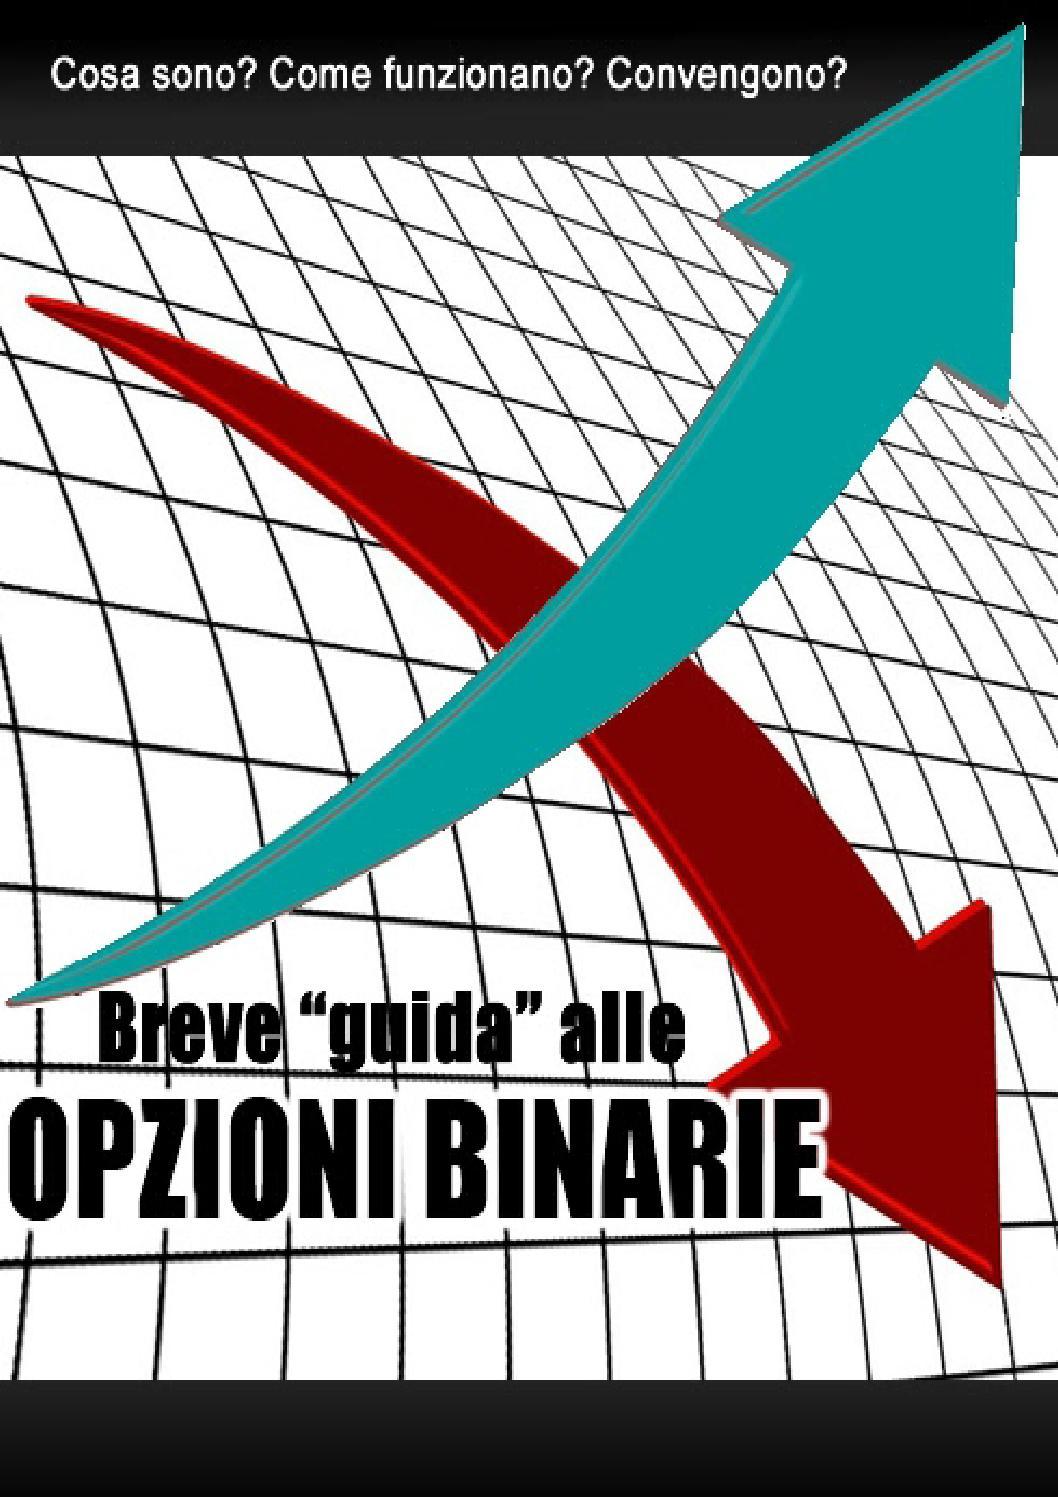 Migliore Strategia per Opzioni Binarie vincente in pdf - SlideShare